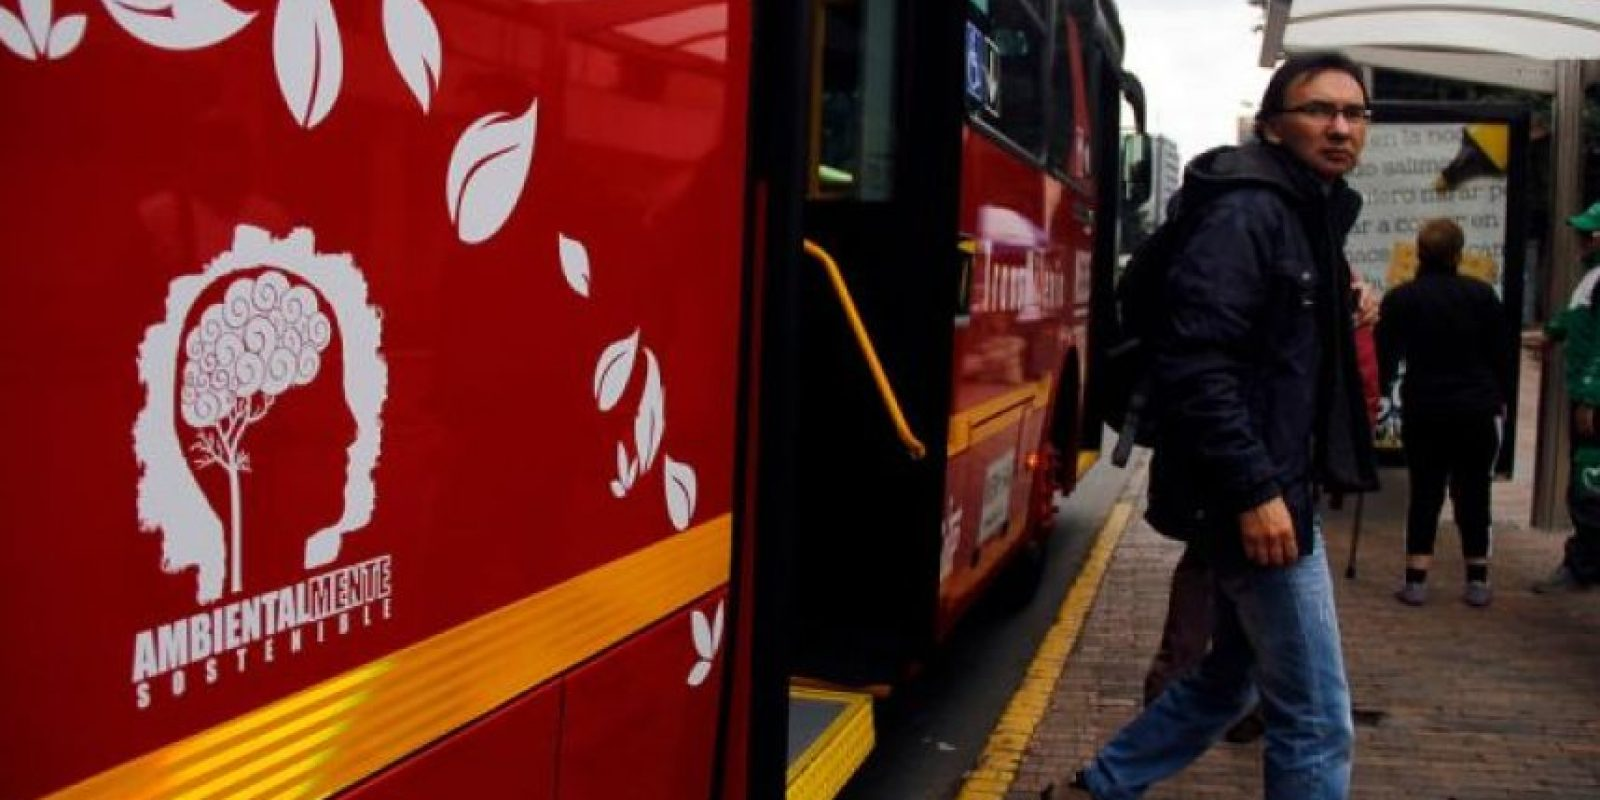 Hoy en día los buses híbridos de TransMilenio son amigables con el medio ambiente. Foto:Archivo Publimetro